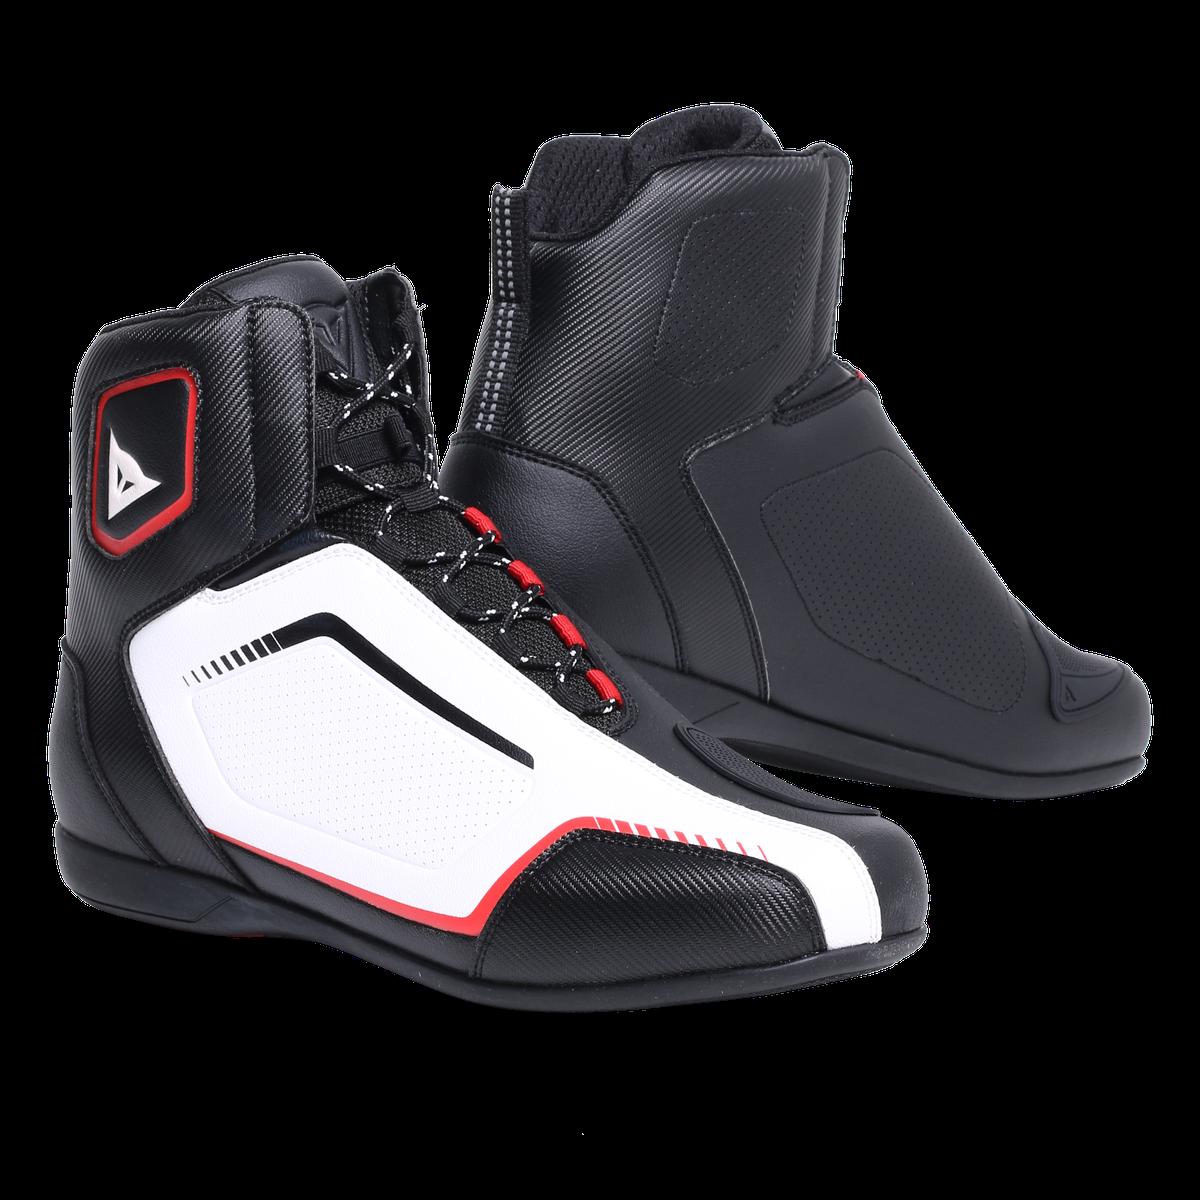 Мотоботы Dainese Raptors Air Black/White/Red (Разные цвета)